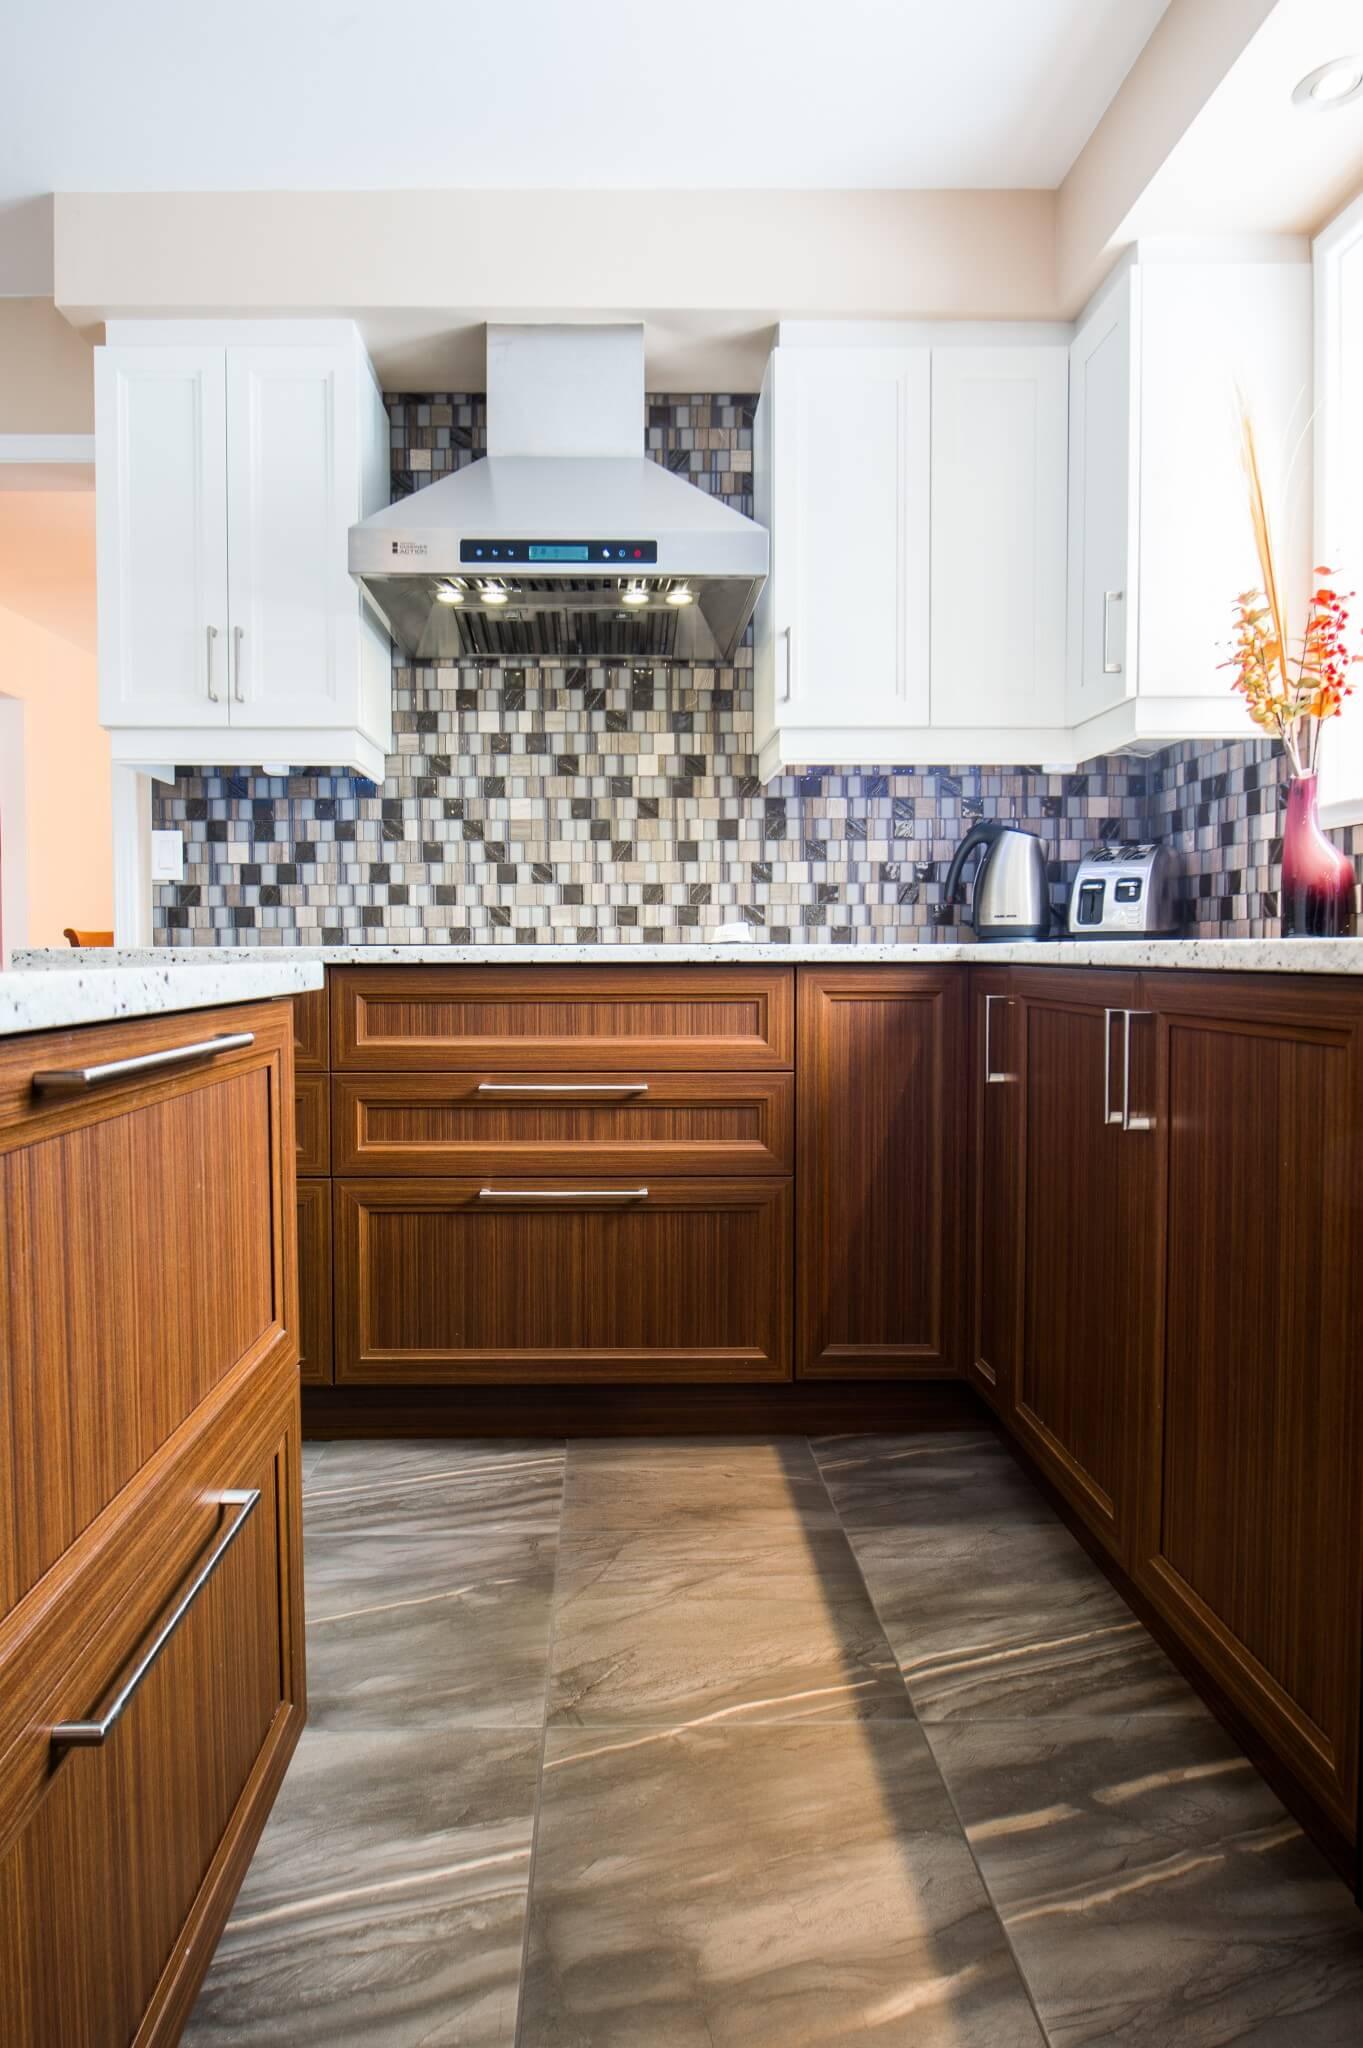 cuisine contemporaine avec armoires de bois